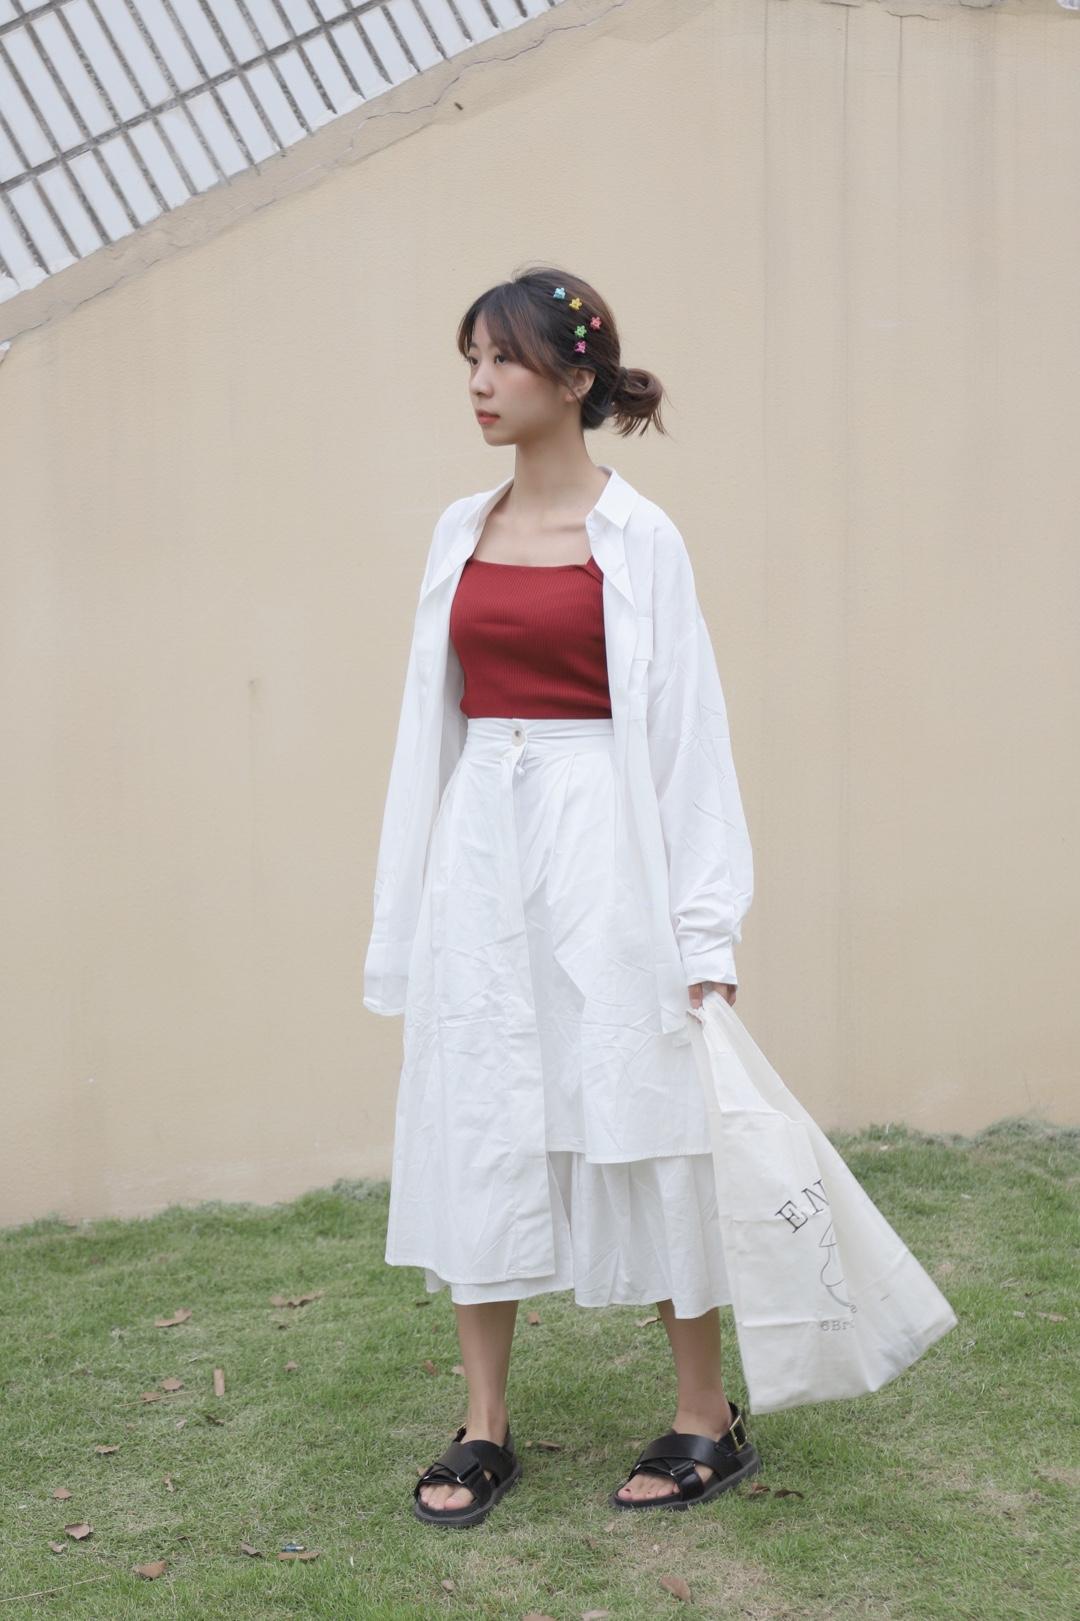 #520,甜甜的恋爱要来了!#  Hello大家好,这里是大鱼穿搭测评第935期,这一期和大家分享的是半身裙穿搭。  .「身高163cm.  体重43kg」,给大家参考下。  🌻白色衬衣是棉质的,比较薄可以当防晒衫穿,内搭是一件红色针织背心,不会透,比较结实,红色也显白。 半身裙真的很百搭,大家可以看看前几期的分享哦,有里衬也不会透,棉麻材质。  ✌️喜欢记得给我点赞留言哦!!